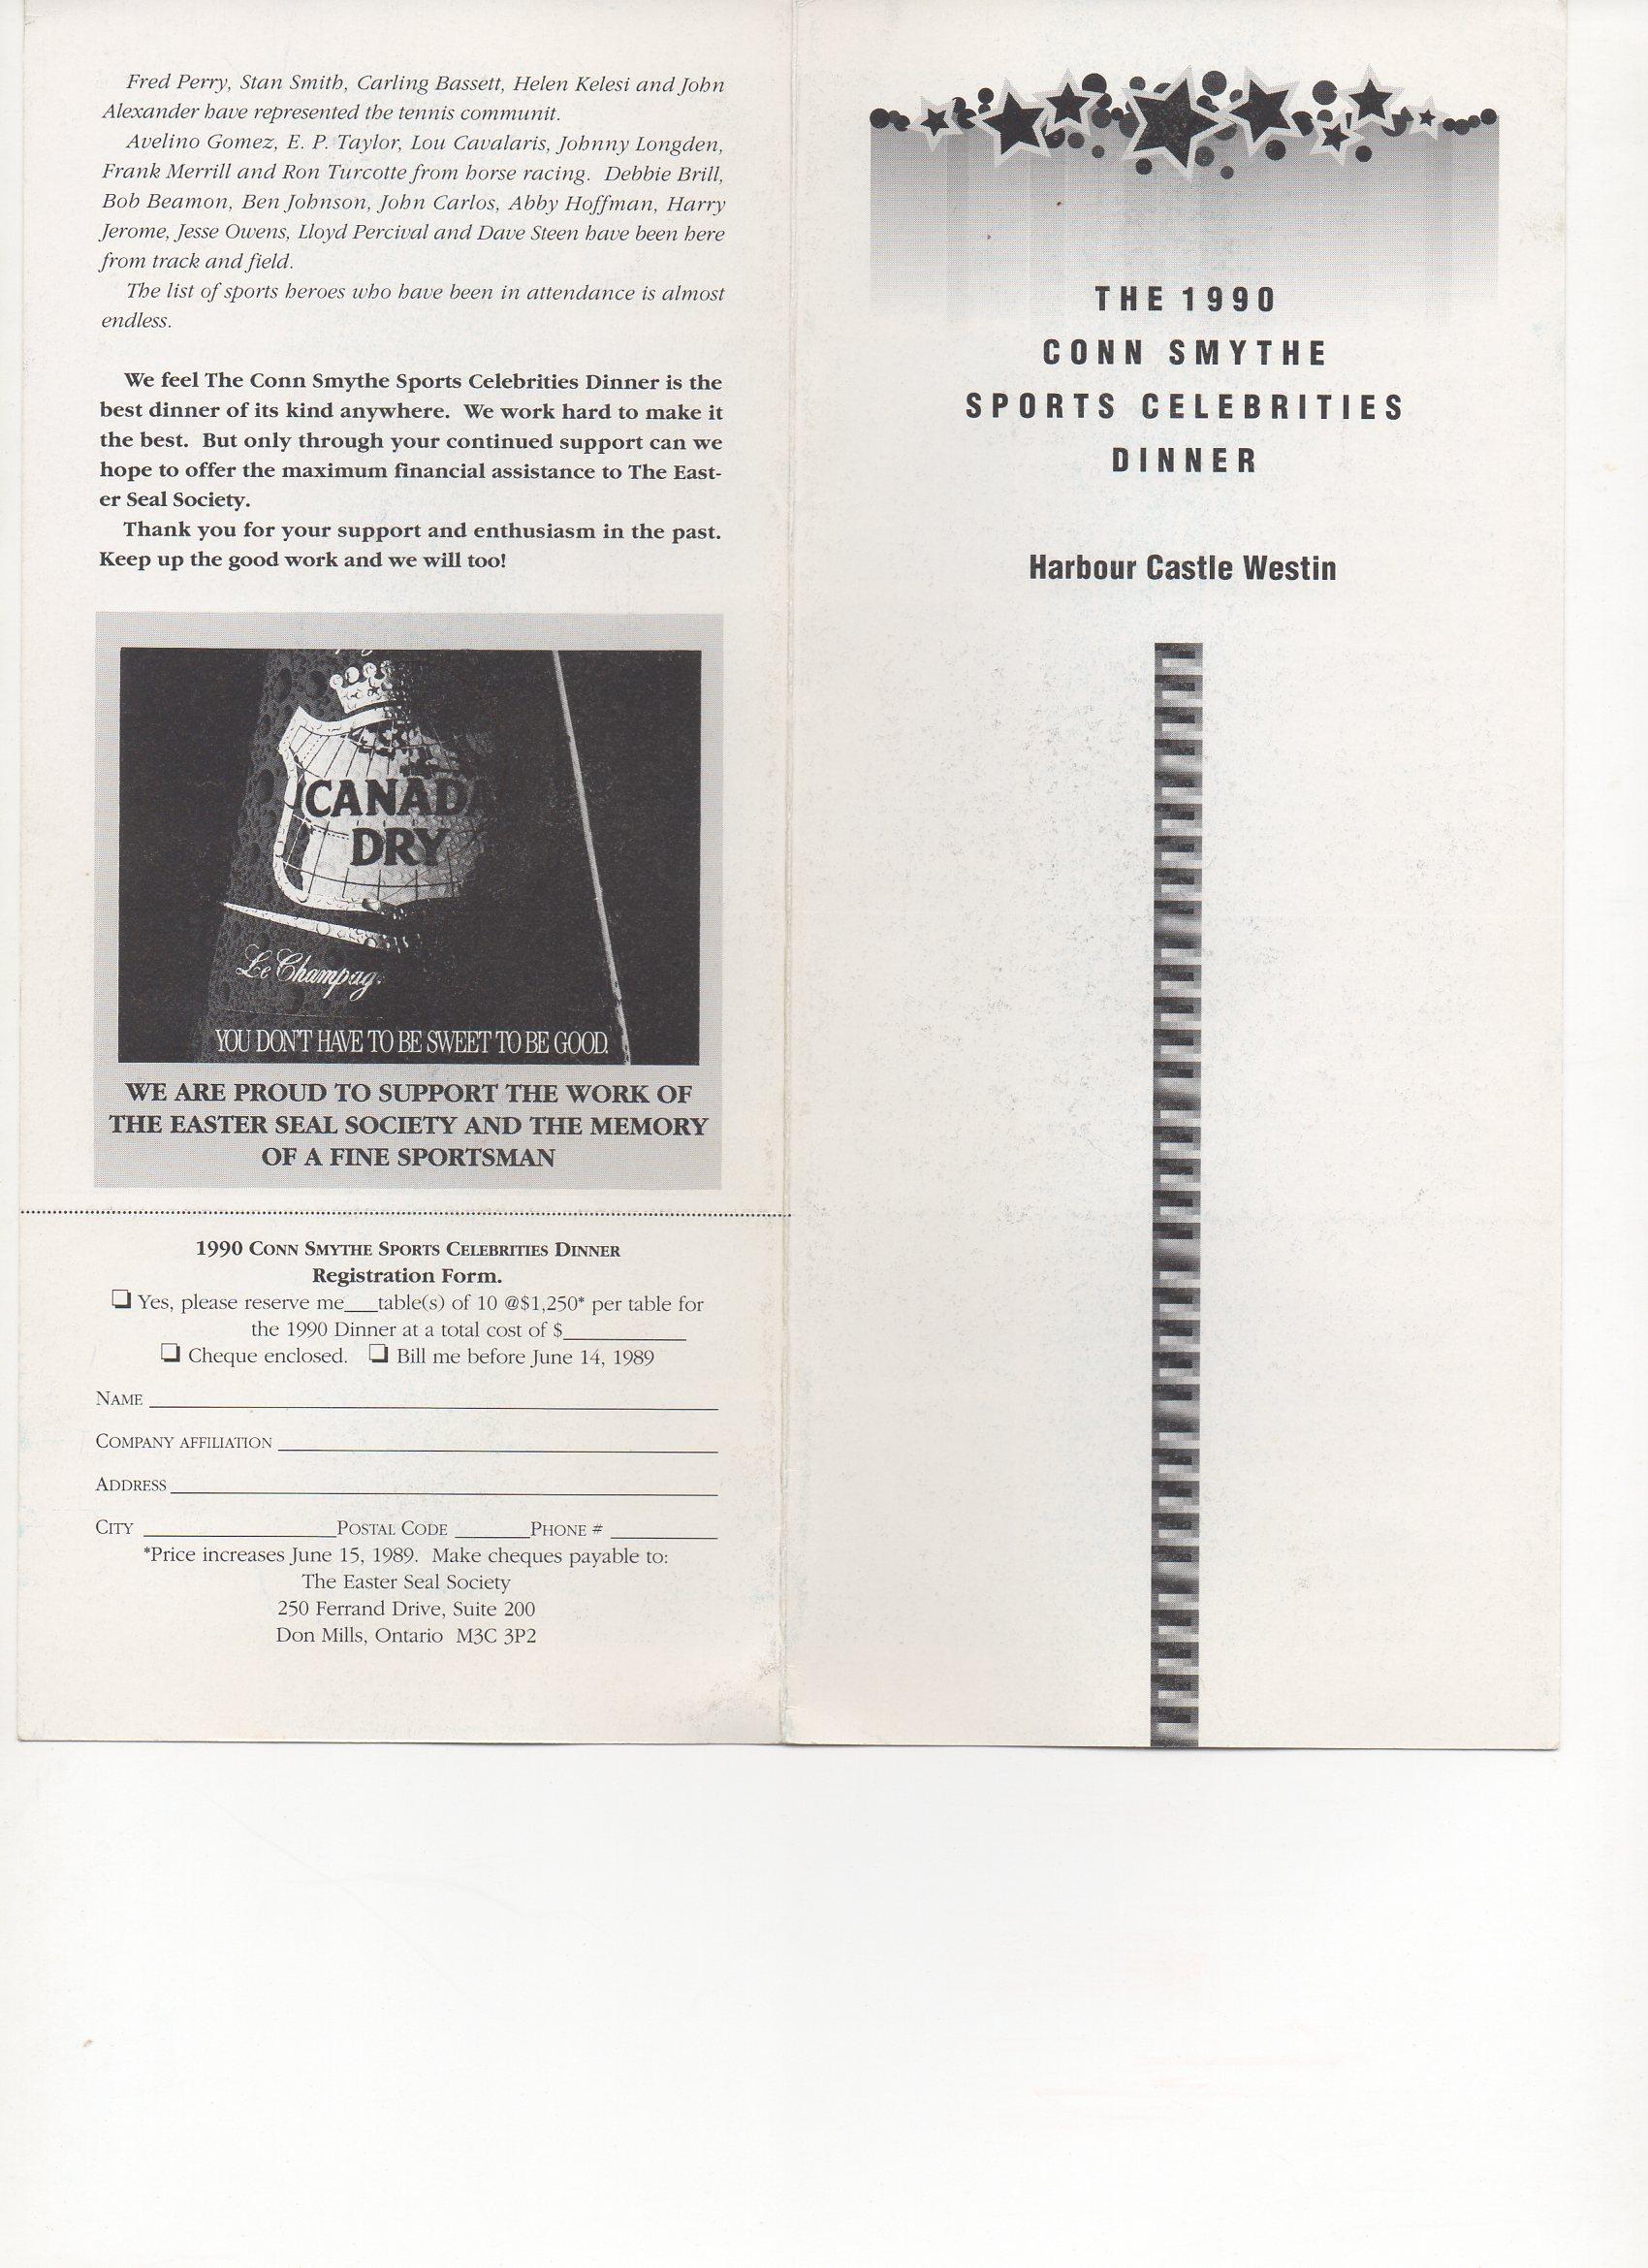 1990 conn smythe dinner, front and back